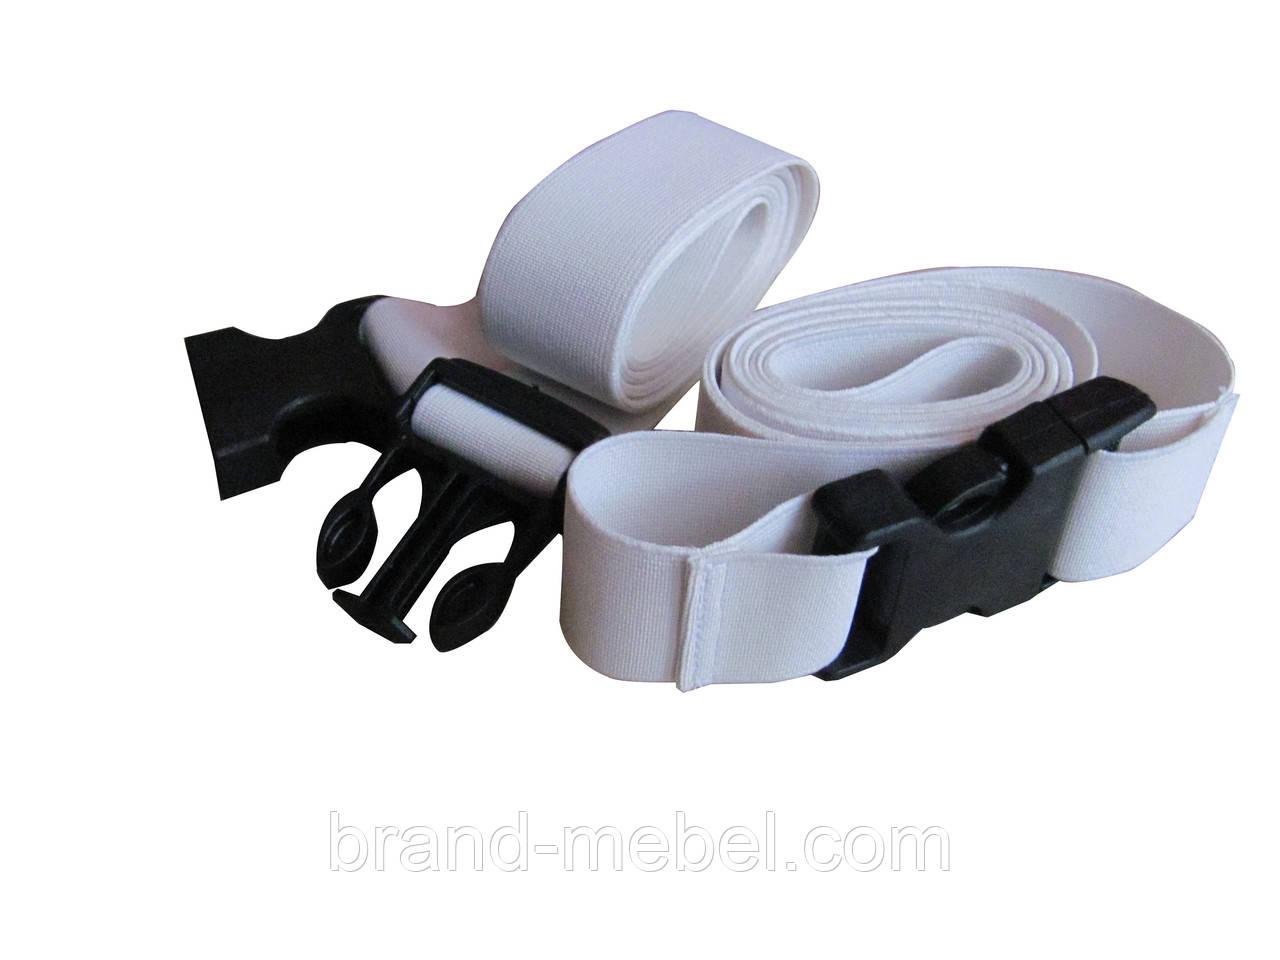 Ремені для кріплення односпального матрацу 70/80/90см/Ремни для крепления односпального матраца 70/80/90см